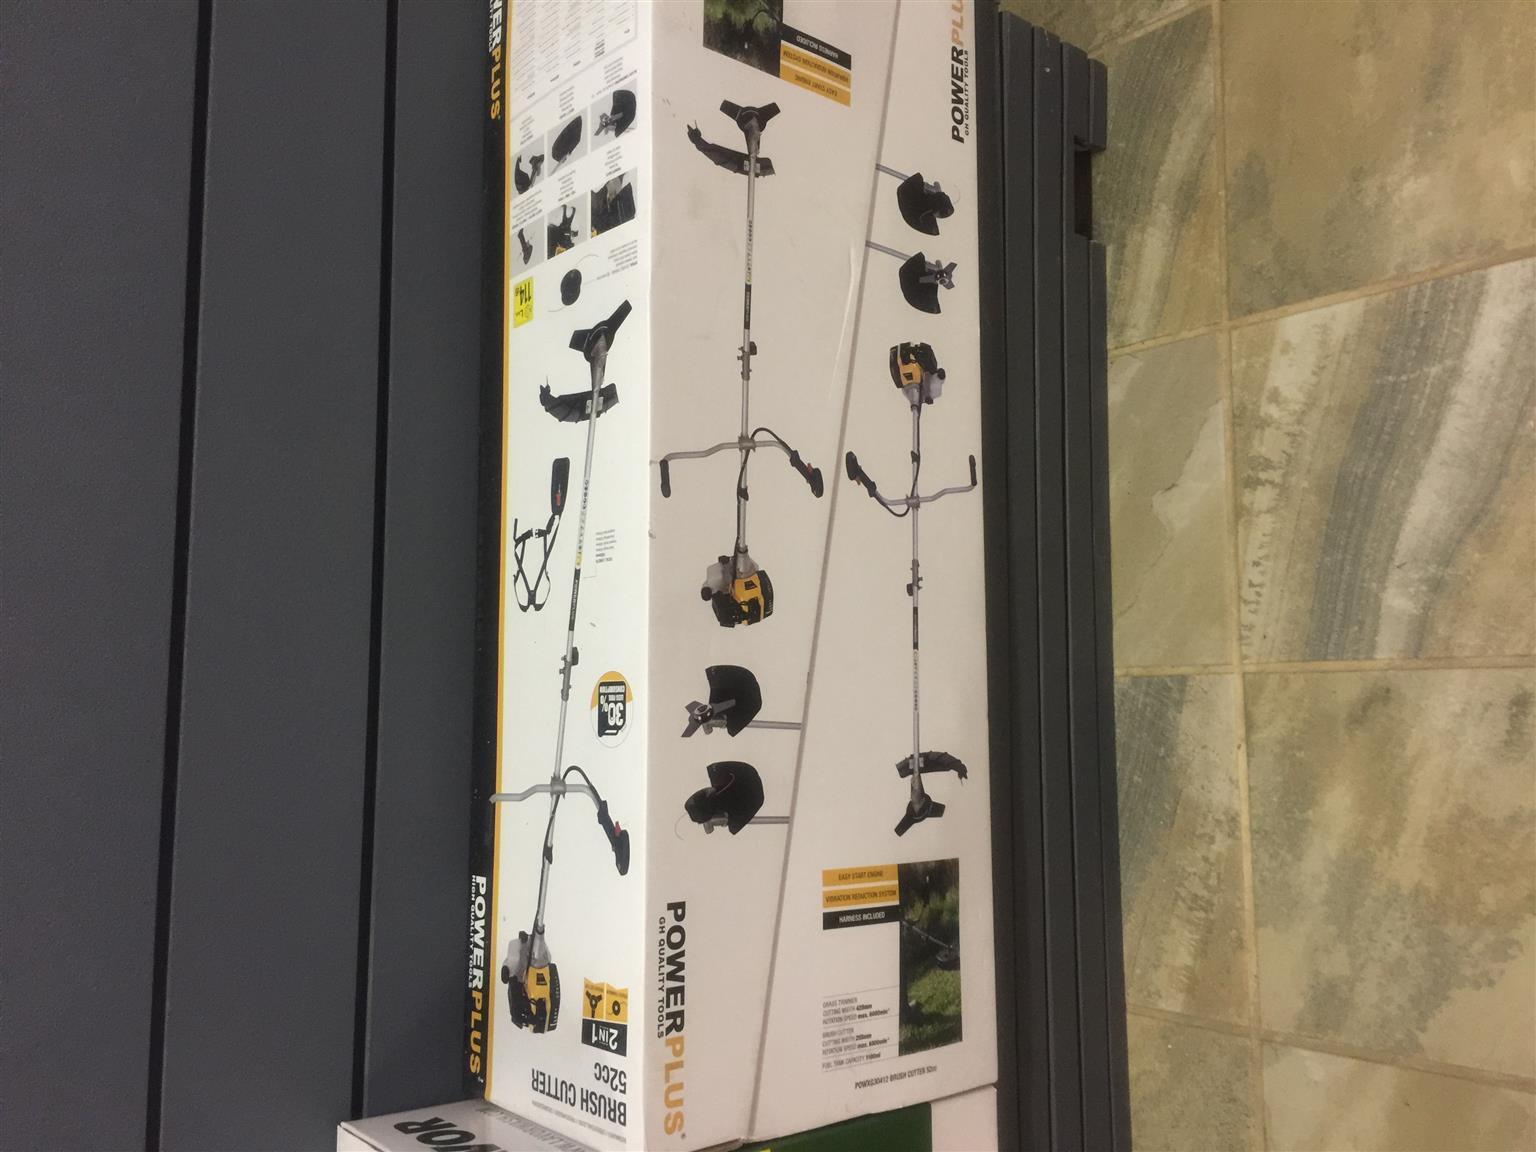 52 cc brush cutter specials